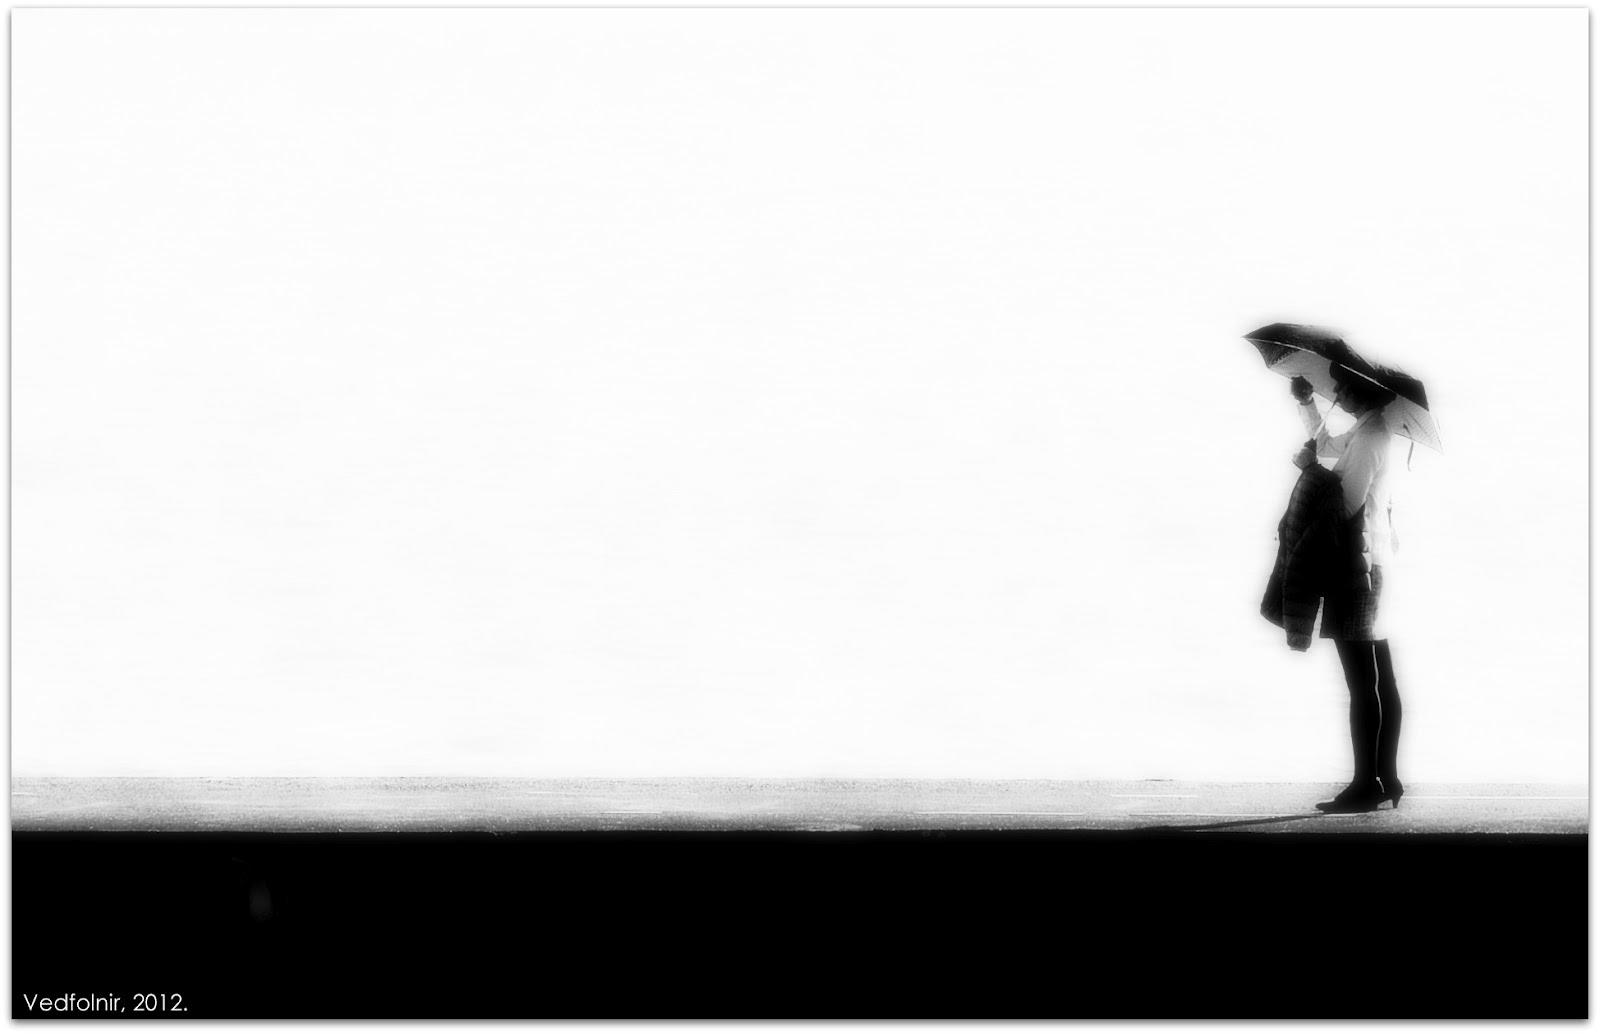 20120204 154512 淡水 旅遊: 攝影師 最愛私房景點系列介紹 [前言]